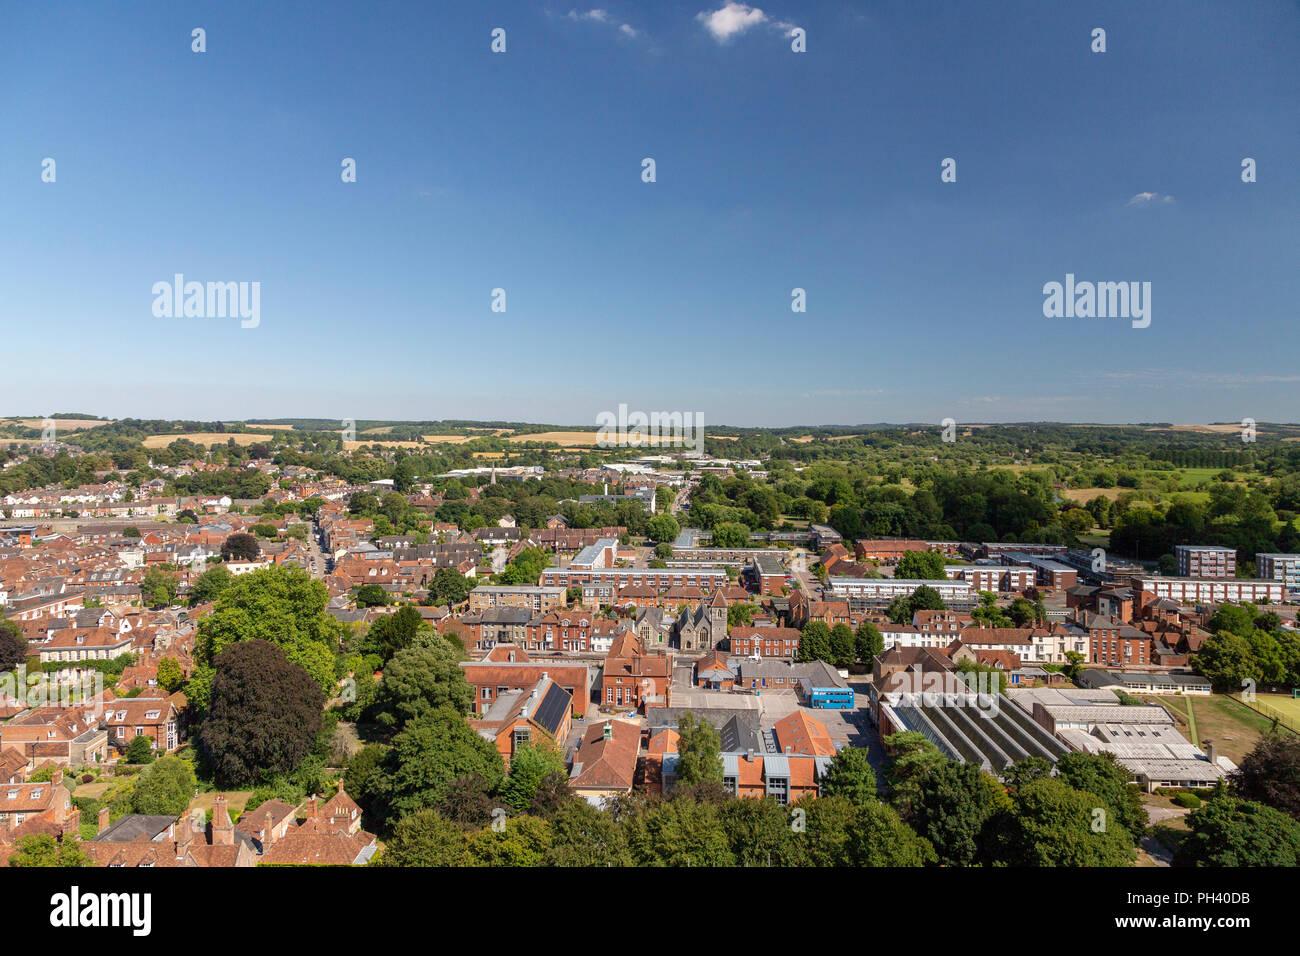 La medieval ciudad de la catedral de Salisbury, en Wiltshire, Inglaterra, visto desde arriba durante un bello día claro en verano. Foto de stock